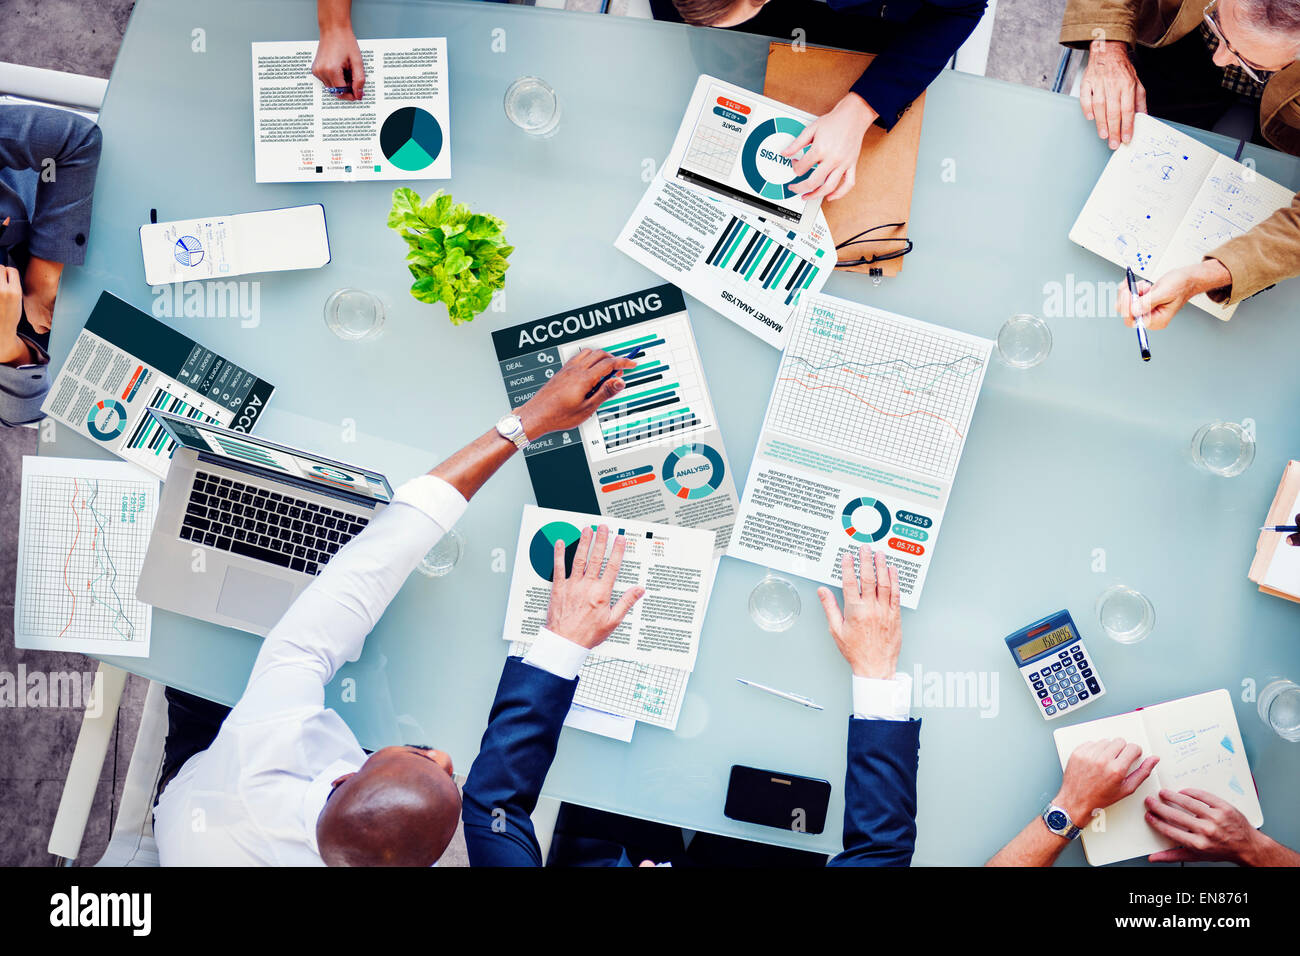 La gente de negocios el concepto de Análisis de informe de contabilidad Imagen De Stock